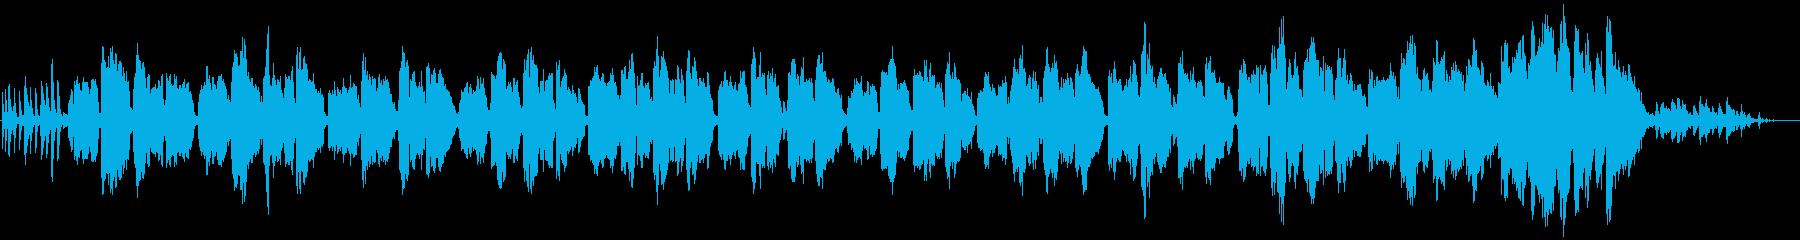 ピアノとベルの優しいクリスマスキャロルの再生済みの波形